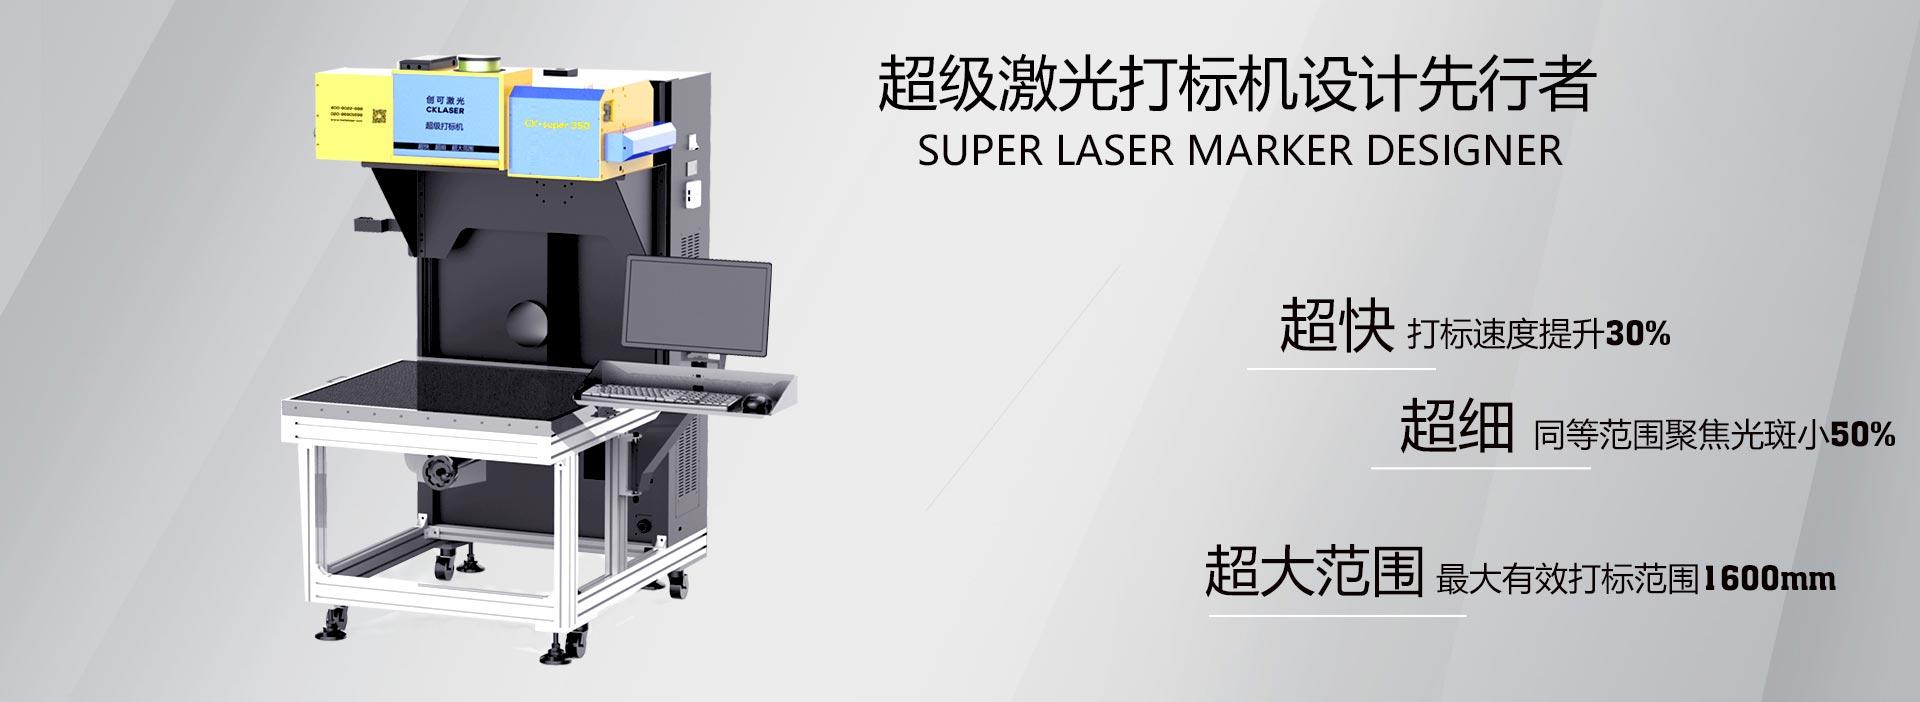 超级打标机-最新.jpg